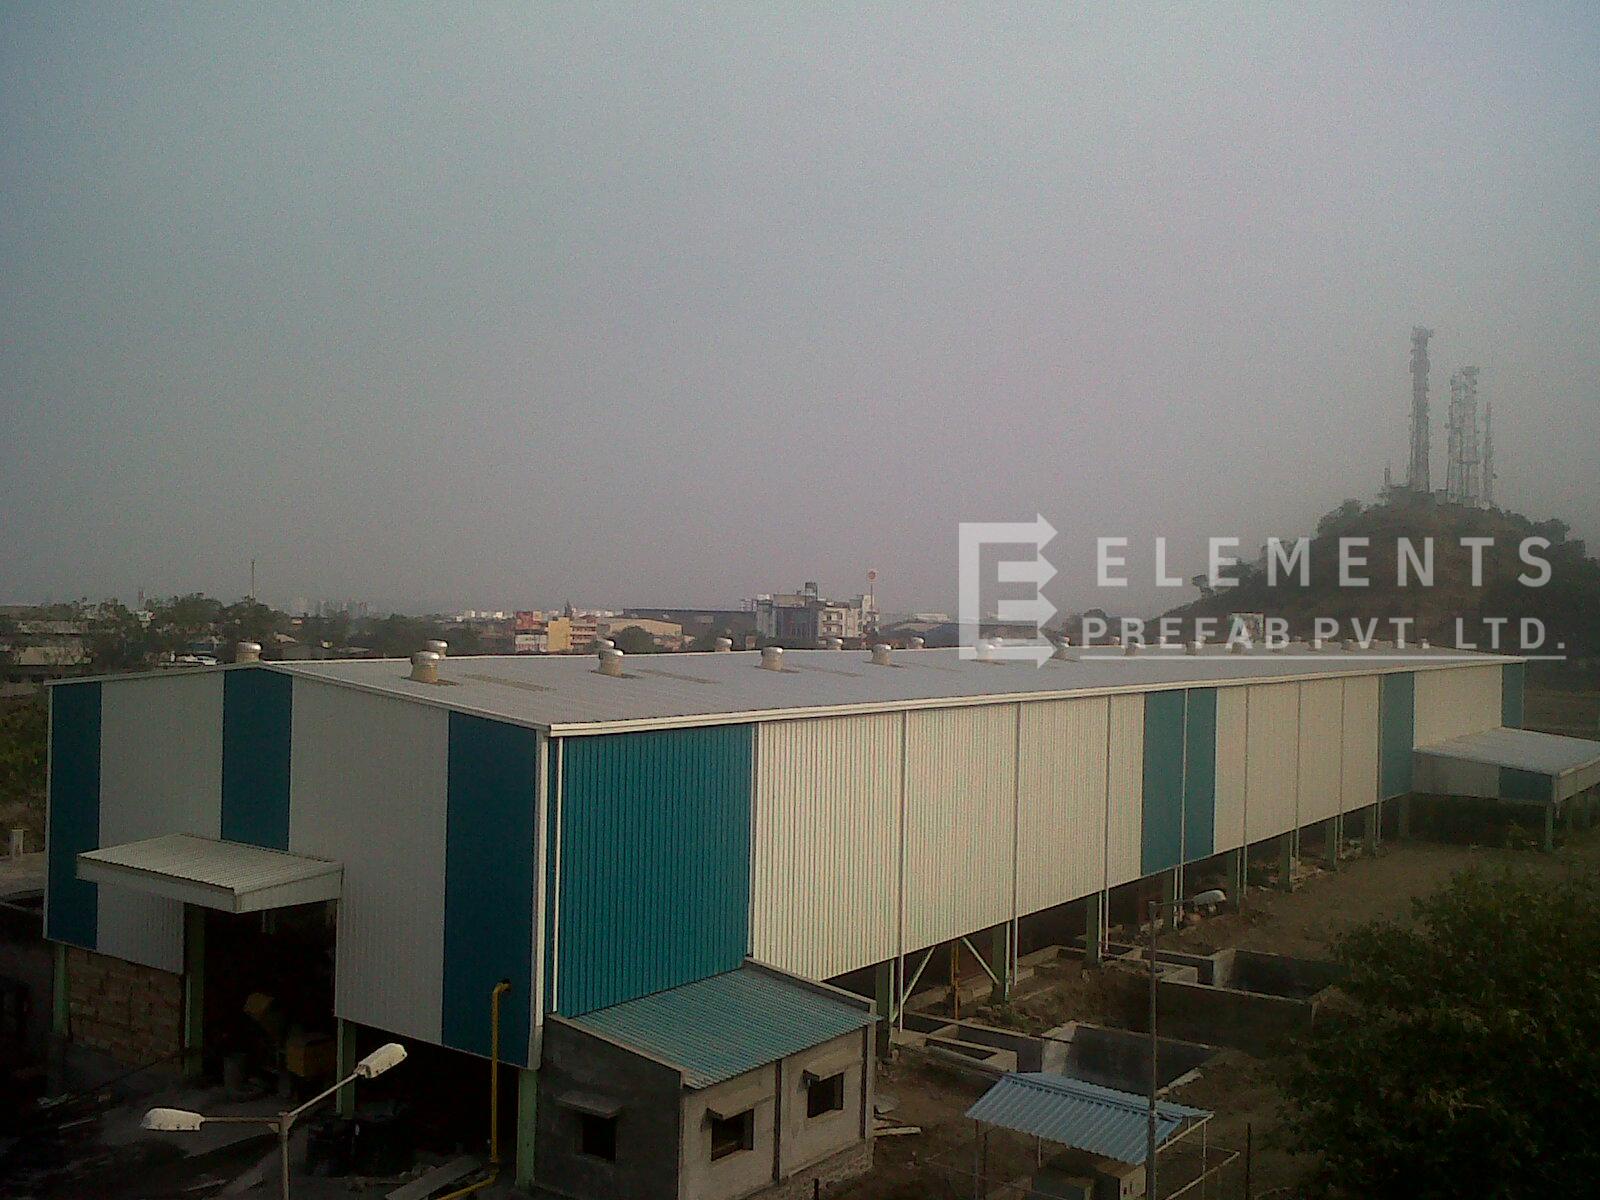 Rajkumar Forge Ltd., Chakan